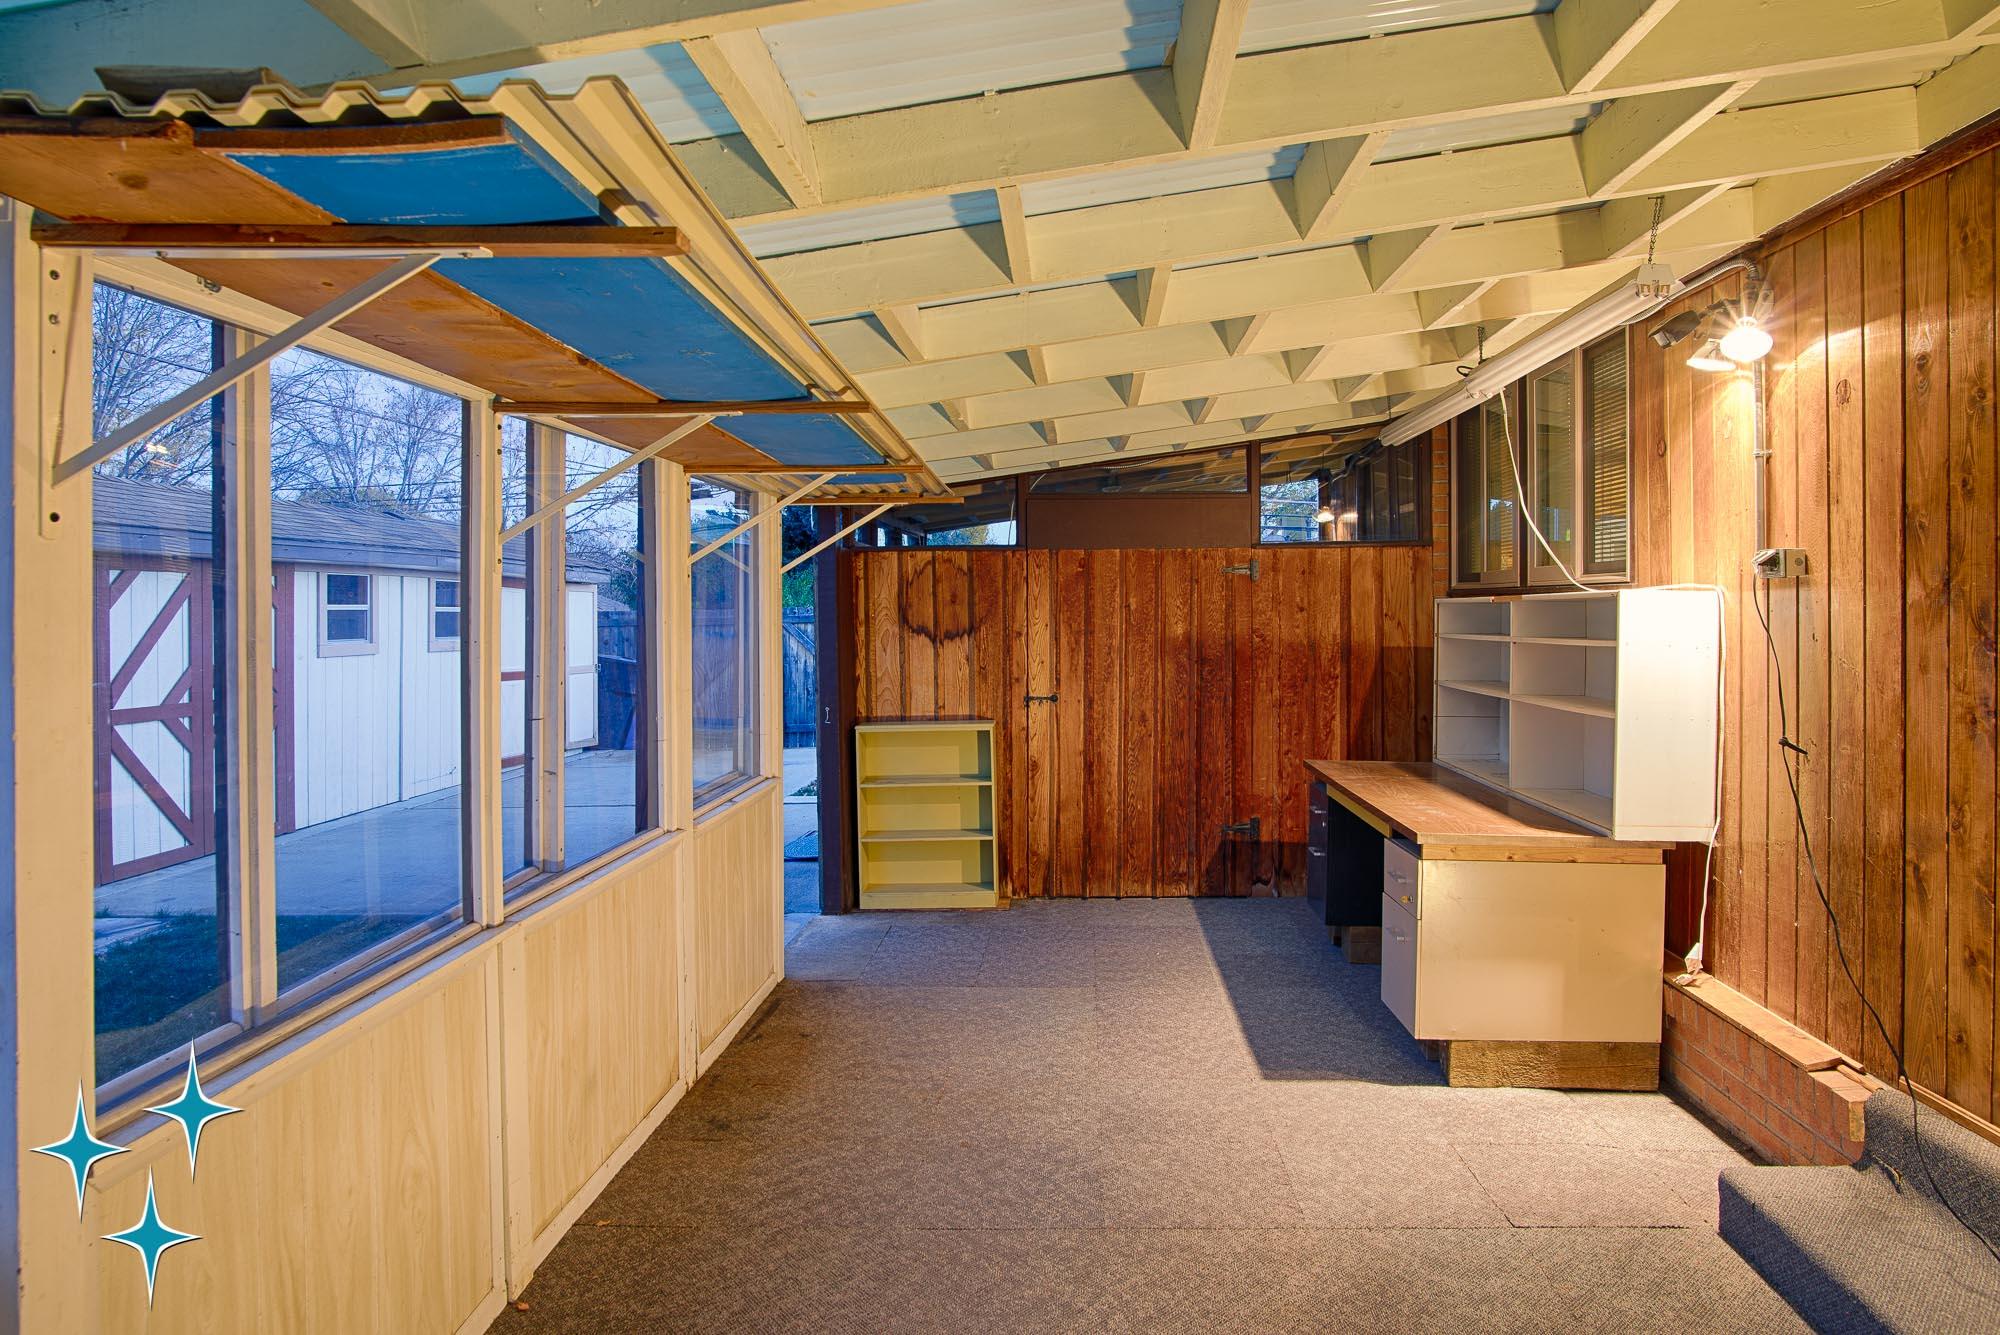 Adrian-Kinney-4155-W-Iliff-Avenue-Denver-r-Carey-Holiday-Home-2000w50-3SWM-32.jpg